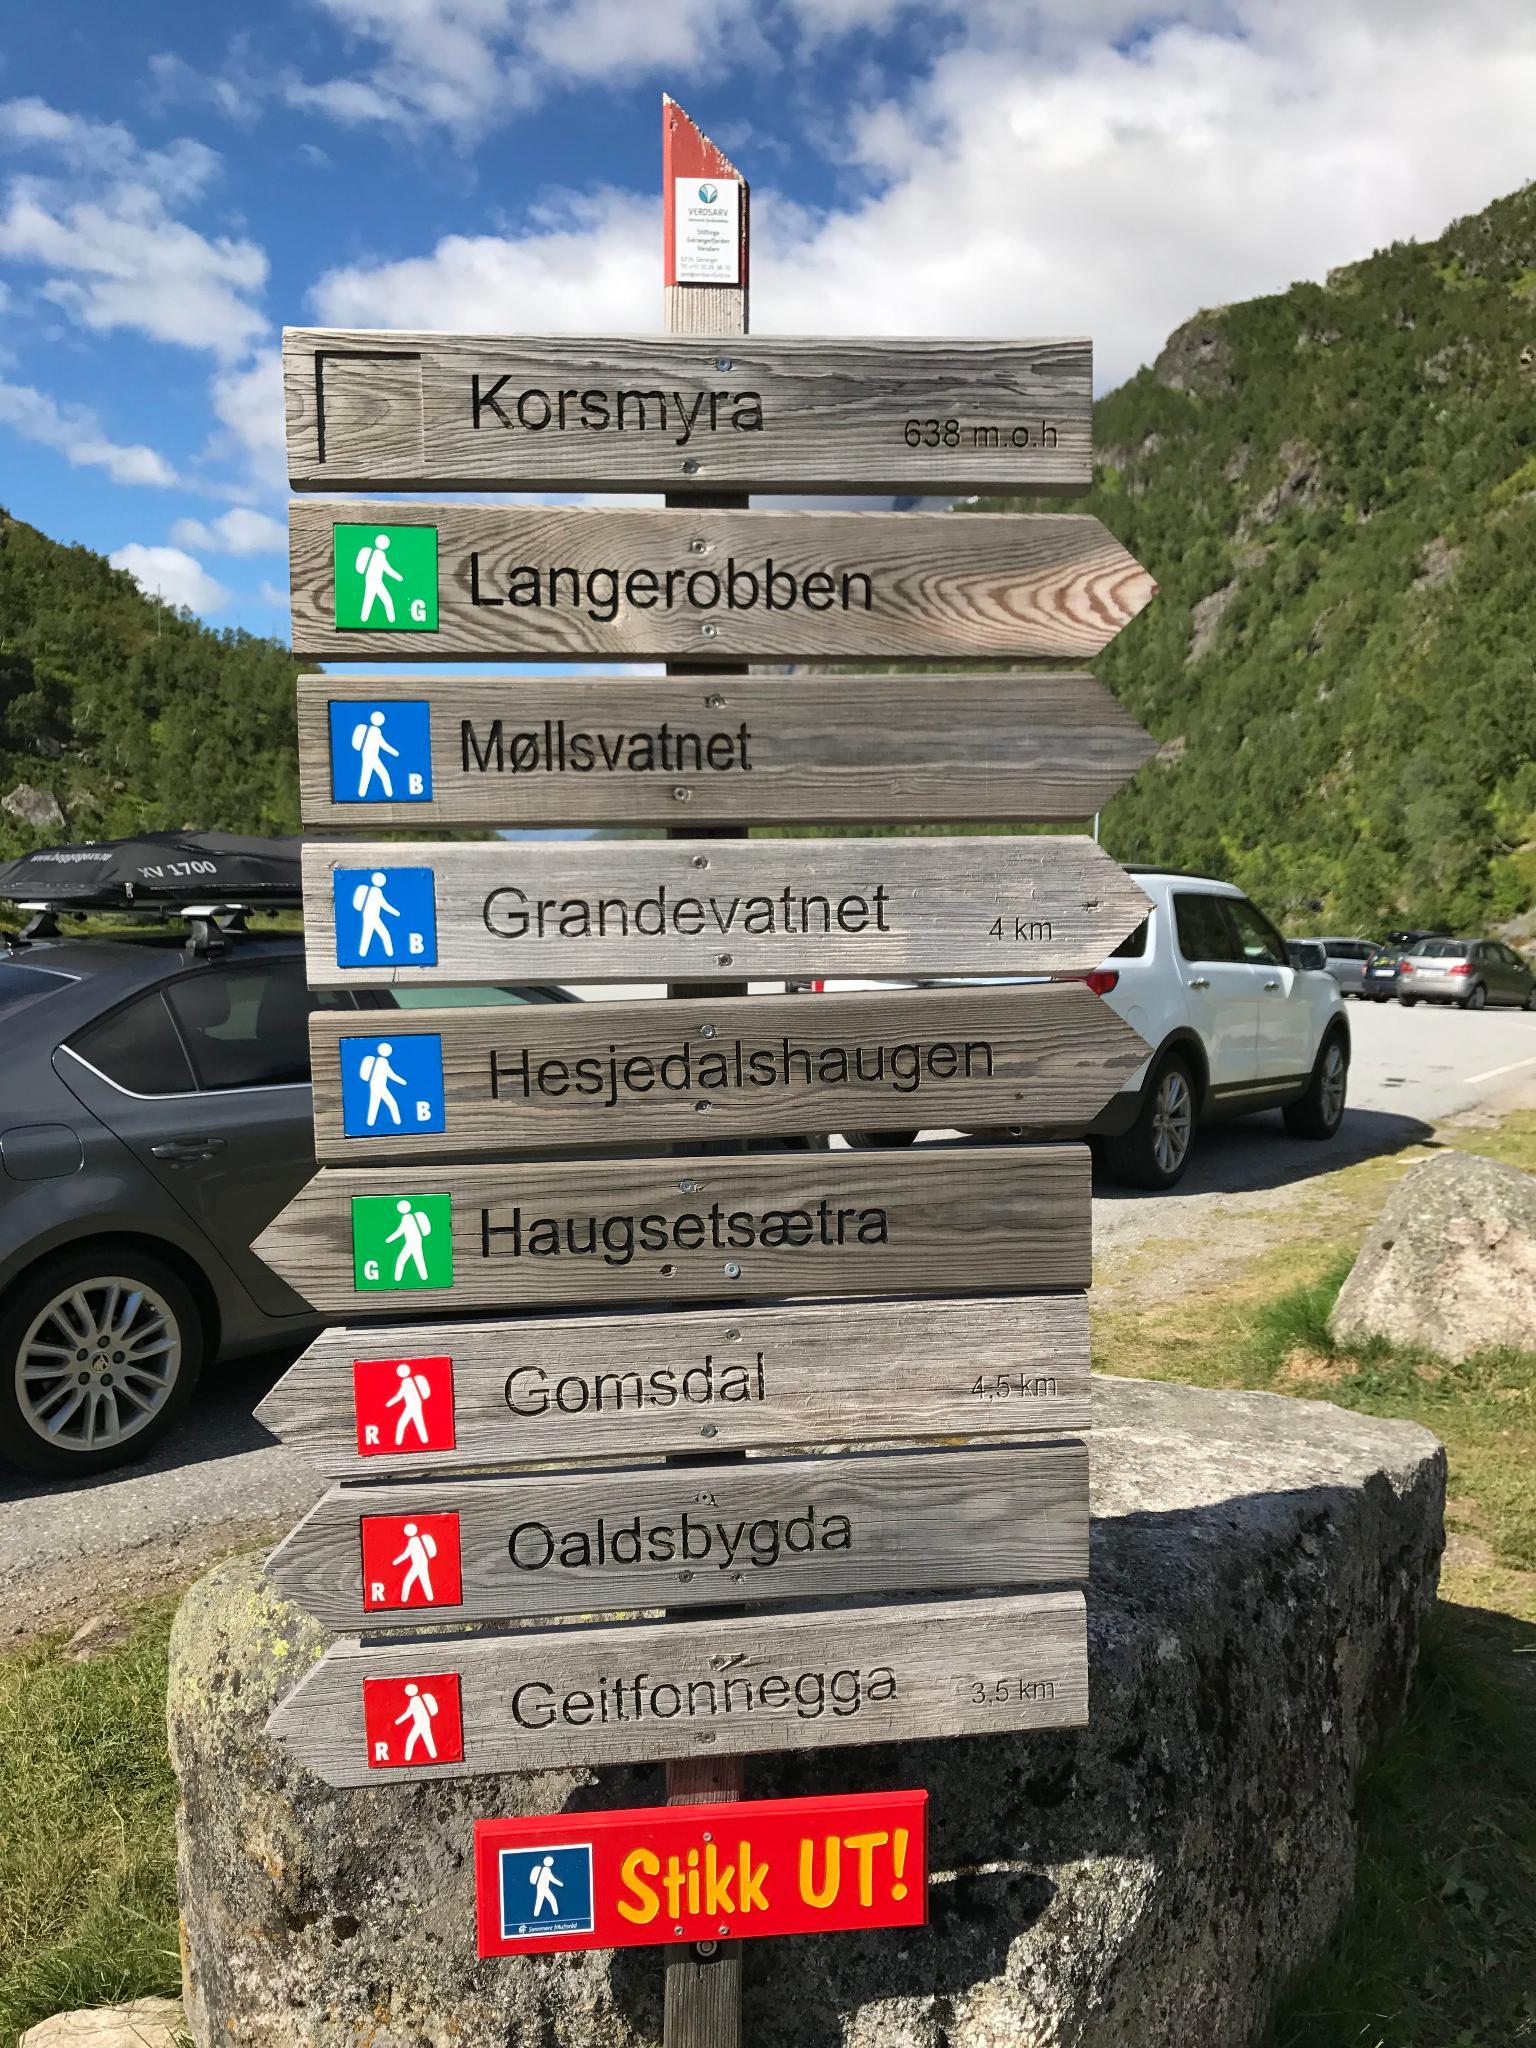 【北歐景點】Ørnesvingen 老鷹之路 ∣ 挪威世界遺產 — 蓋倫格峽灣景點總整理 8